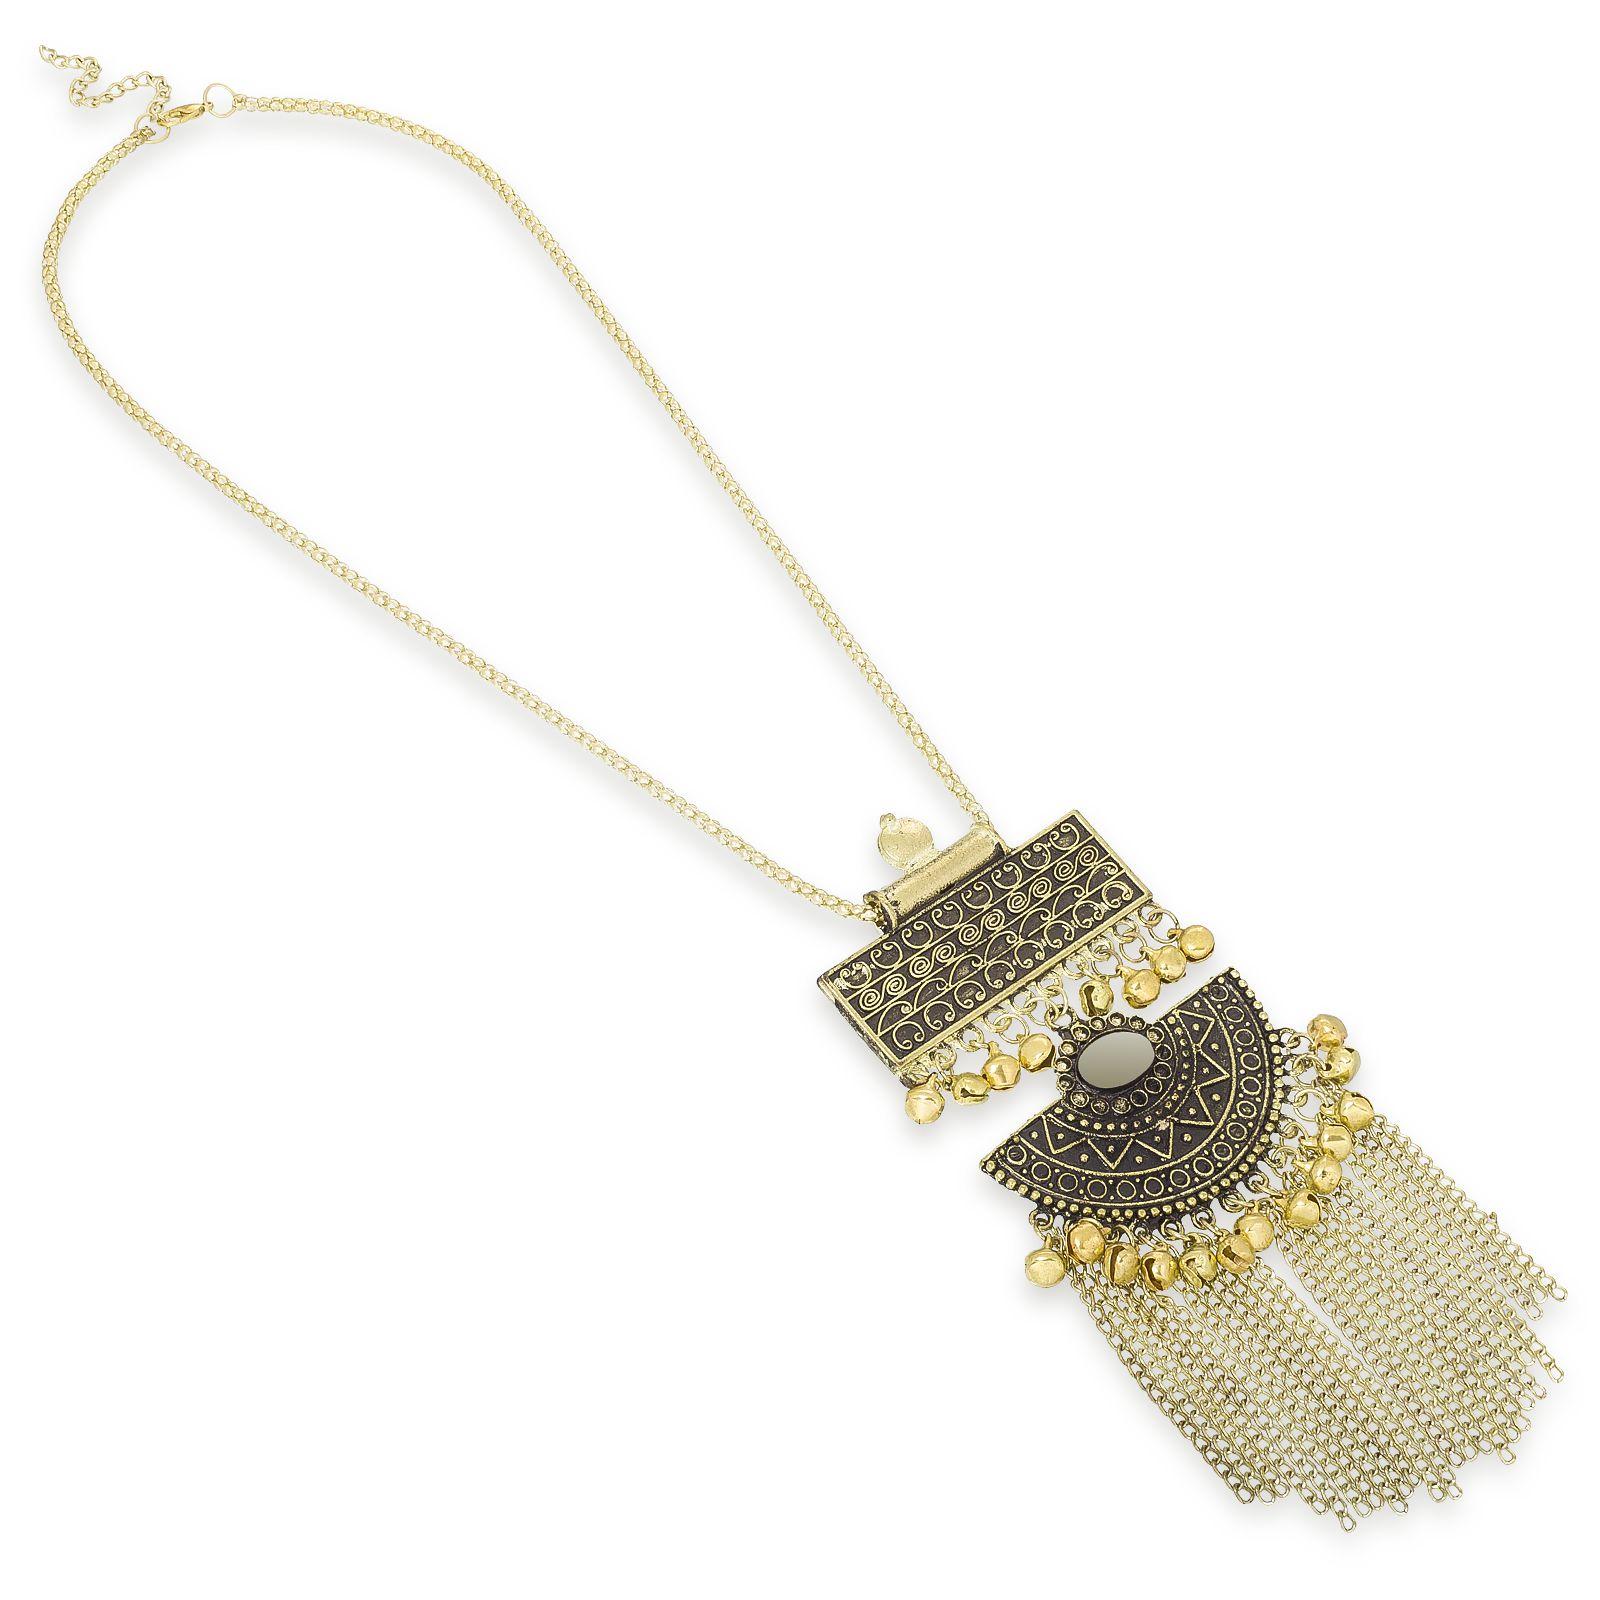 Aadita Afghani Designer Turkish Style Vintage Oxidised German Silver Chandbali Tribal Necklace Pendant Boho Gypsy